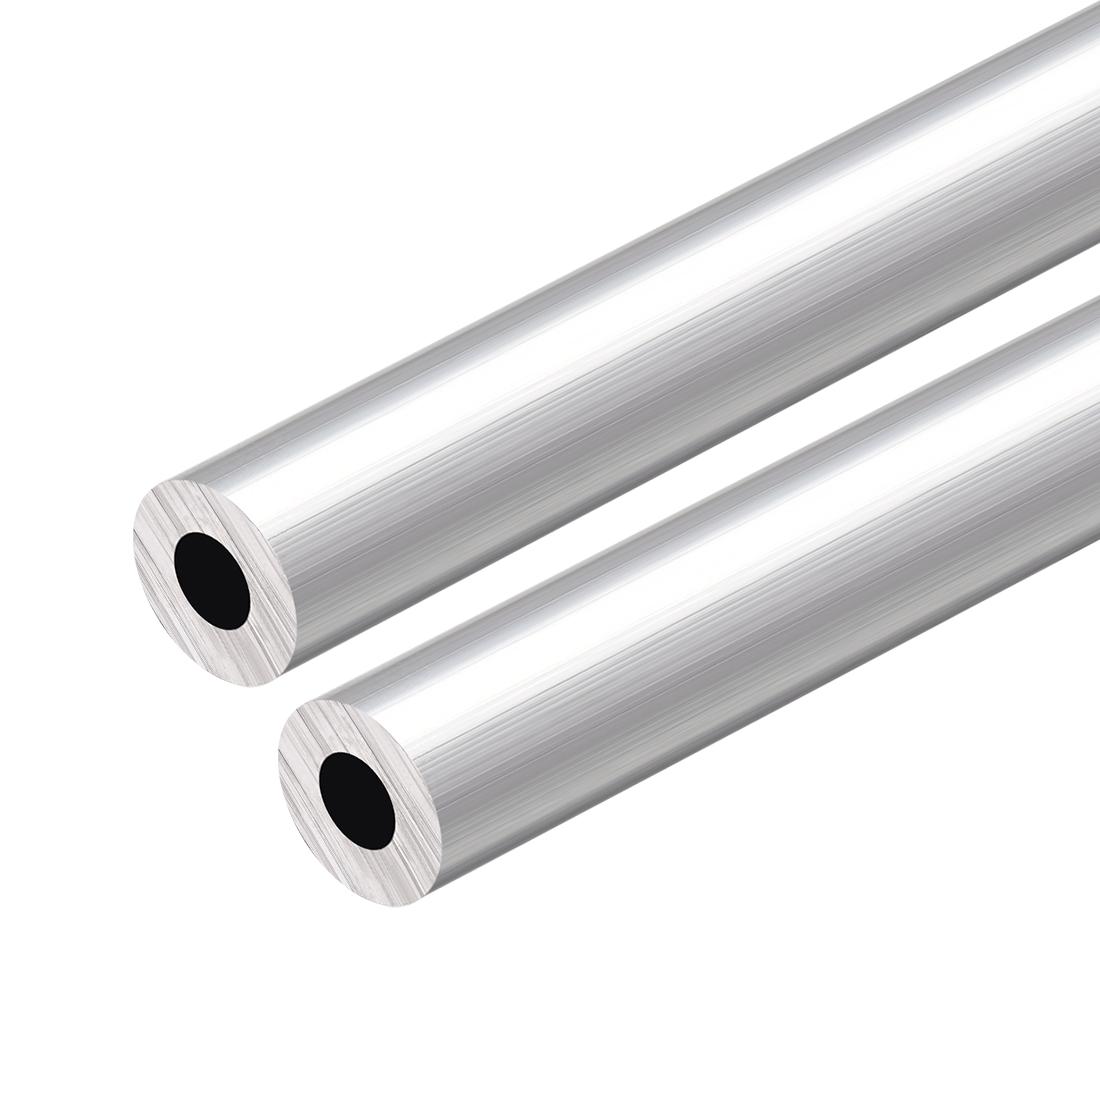 6063 Aluminum Round Tube 300mm Length 19mm OD 9mm Inner Dia Seamless Tubing 2pcs